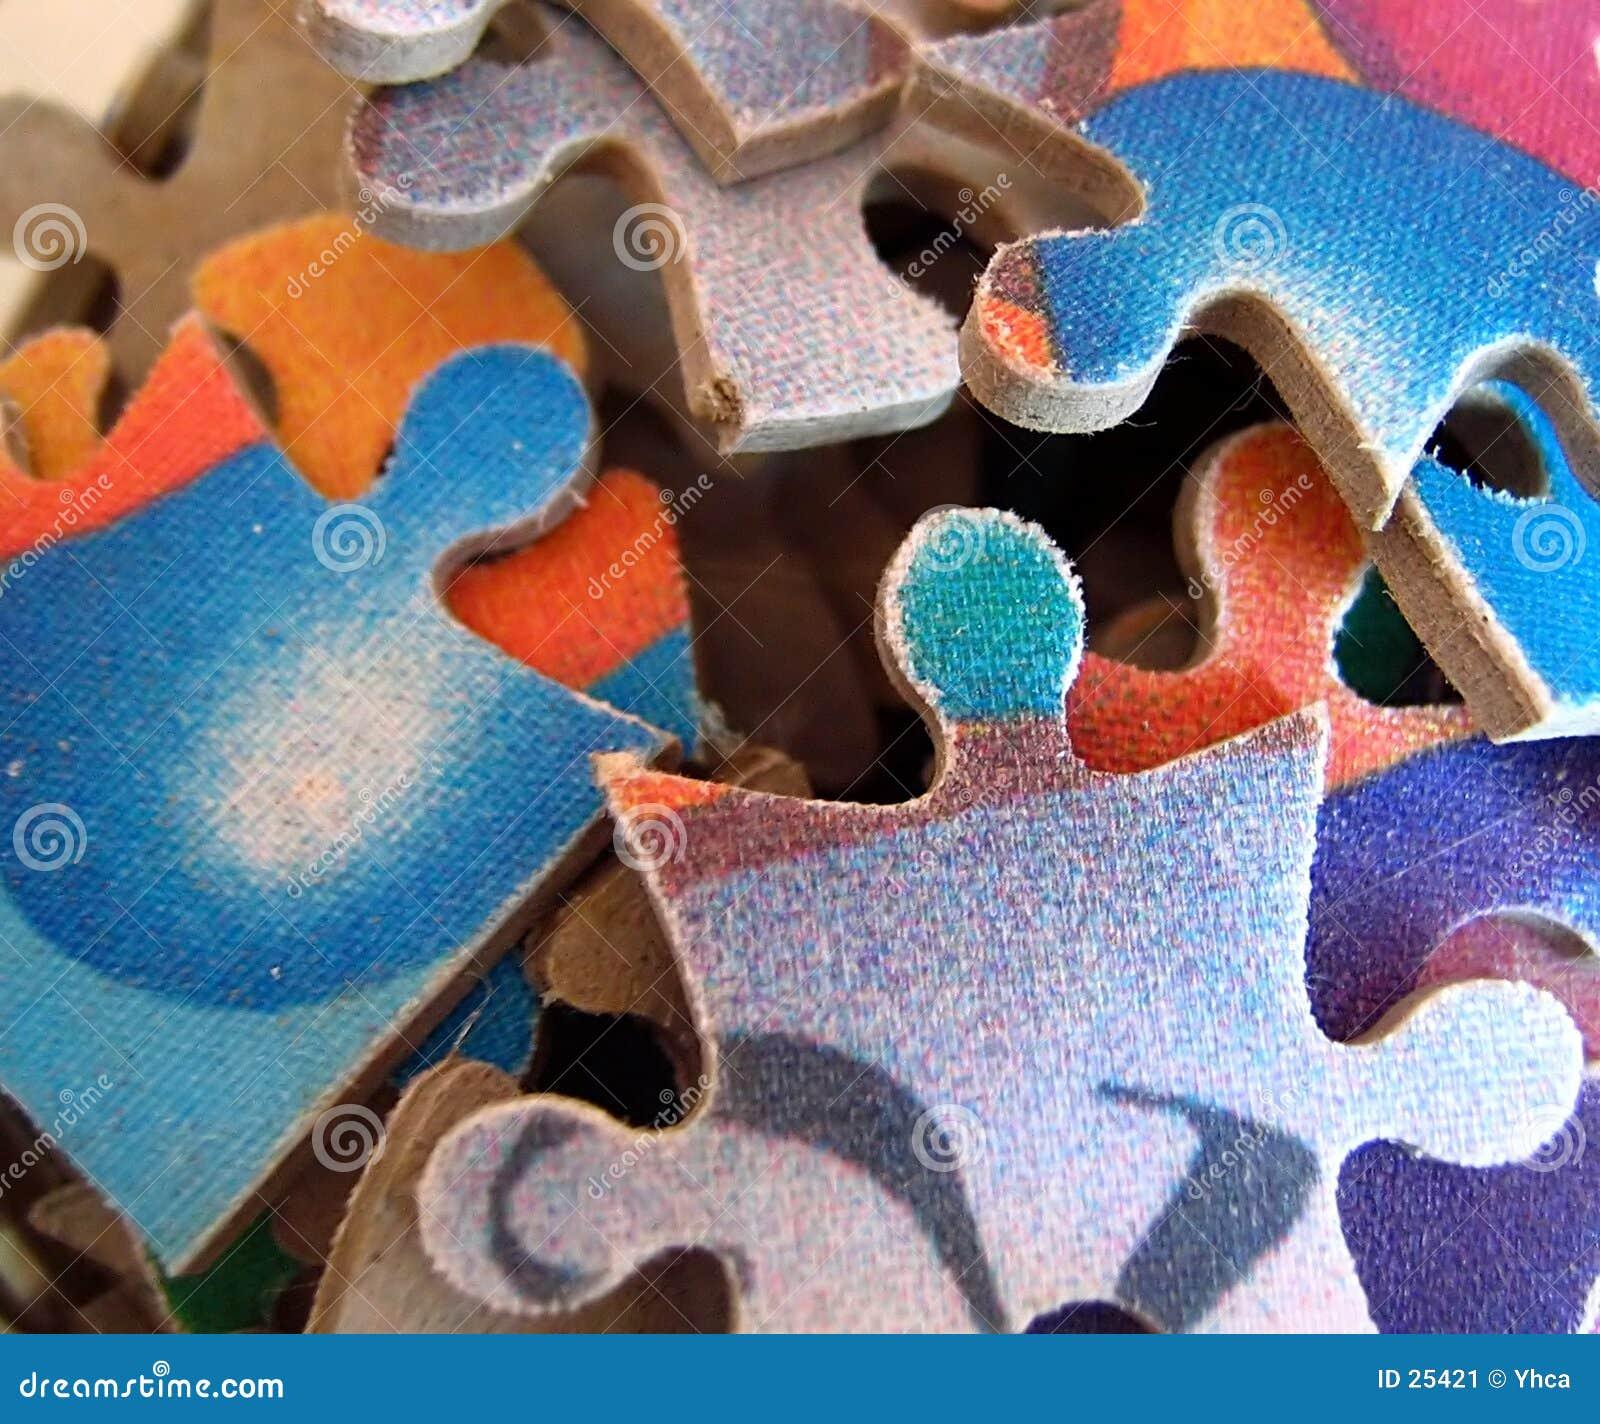 Kolorowa kawałków układanki jigsaw